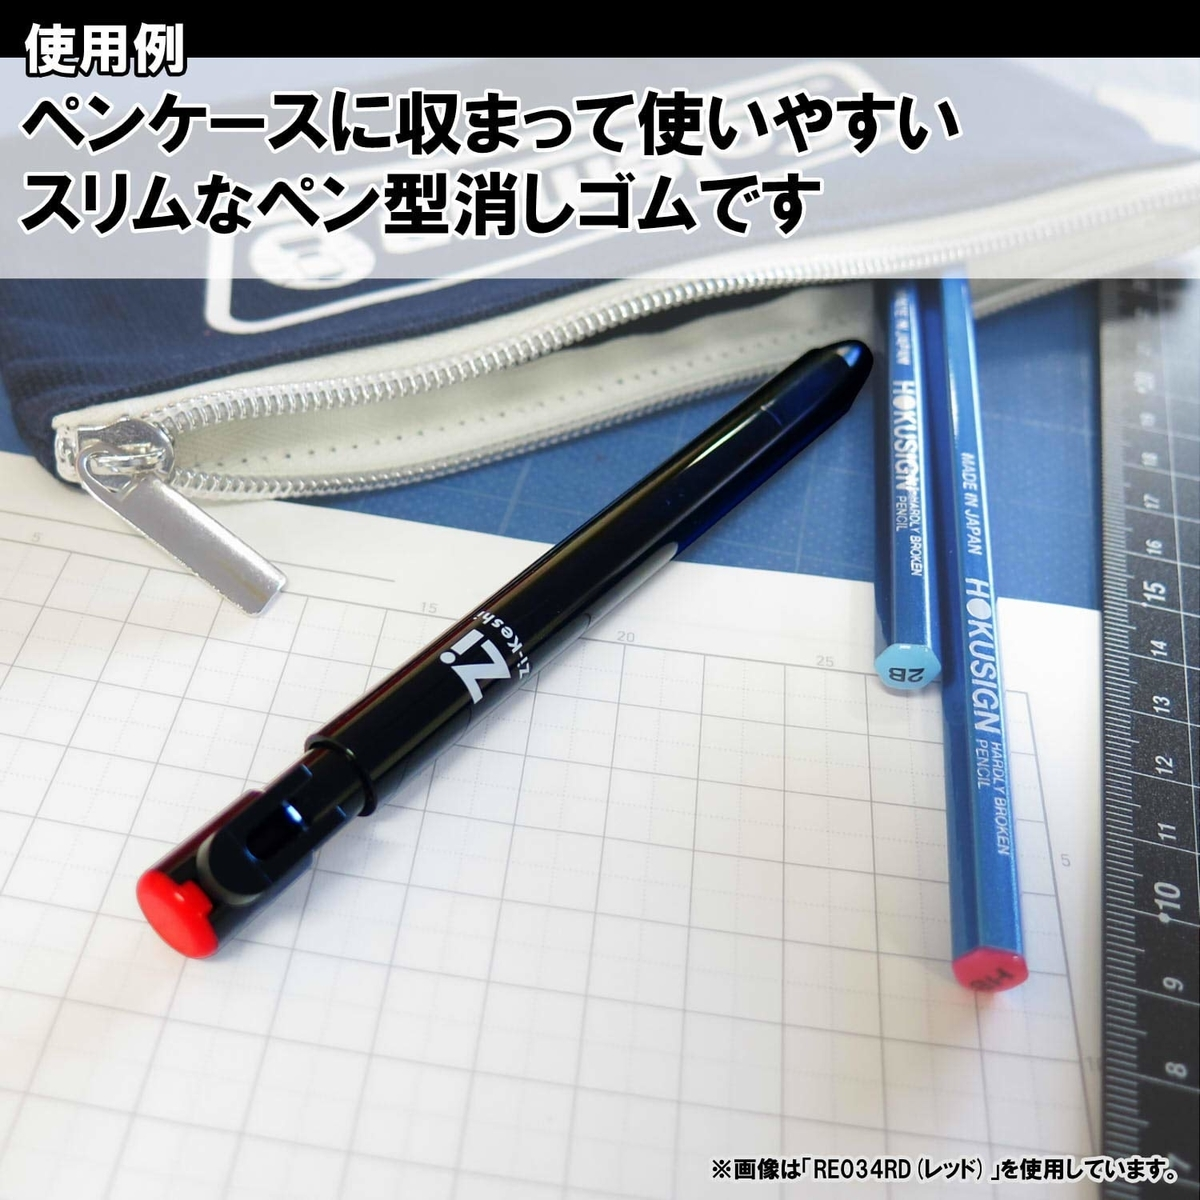 f:id:fumihiro1192:20200226183635j:plain